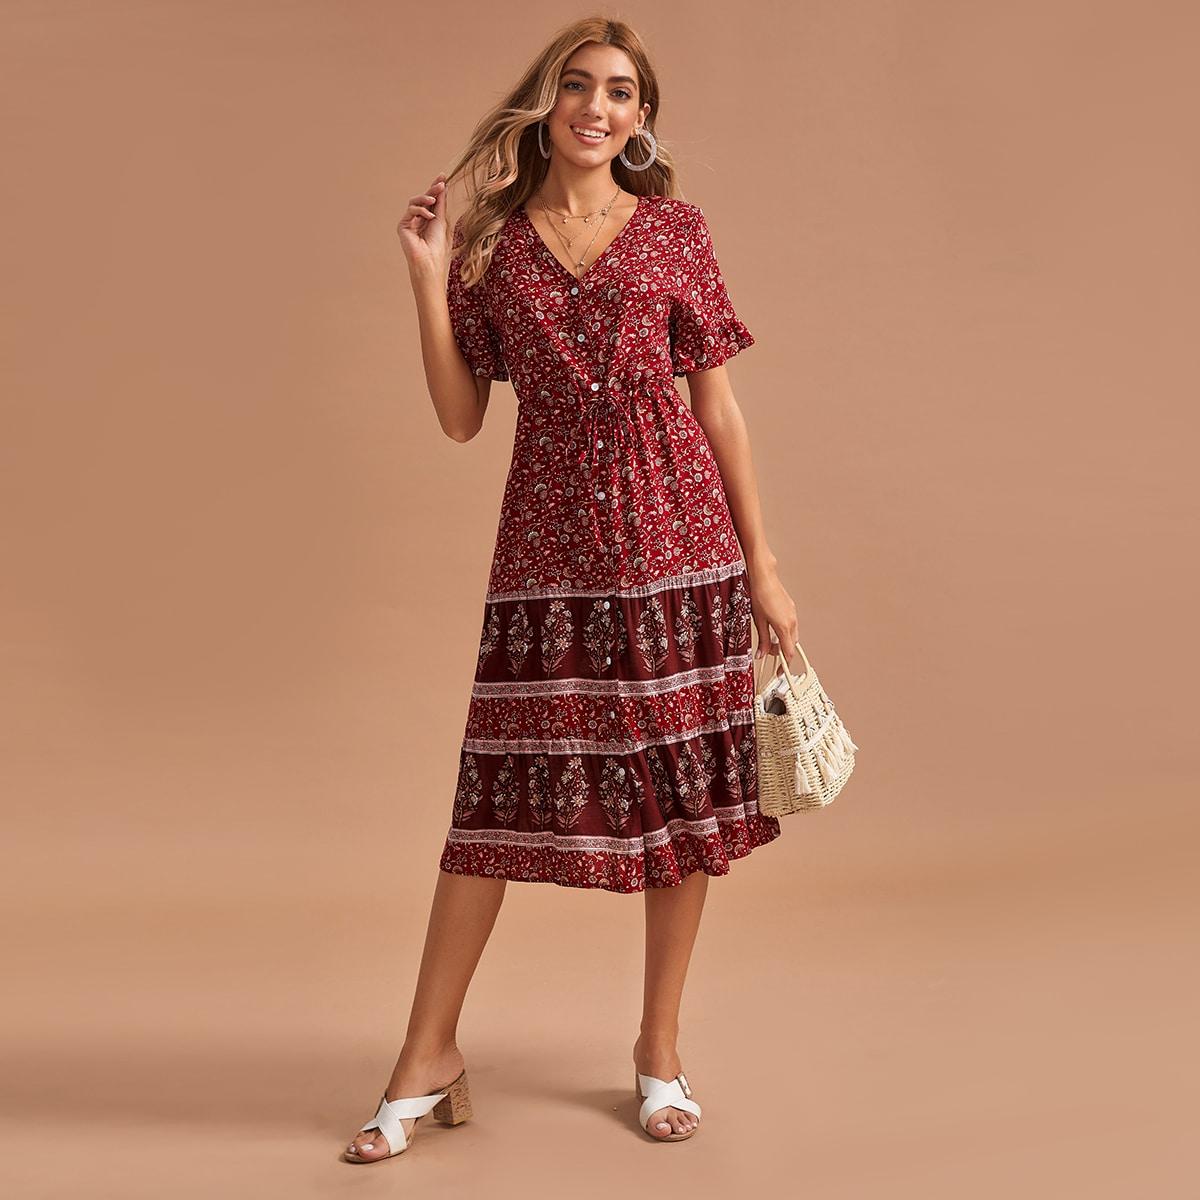 Платье с узлом, цветочным и племенным принтом фото